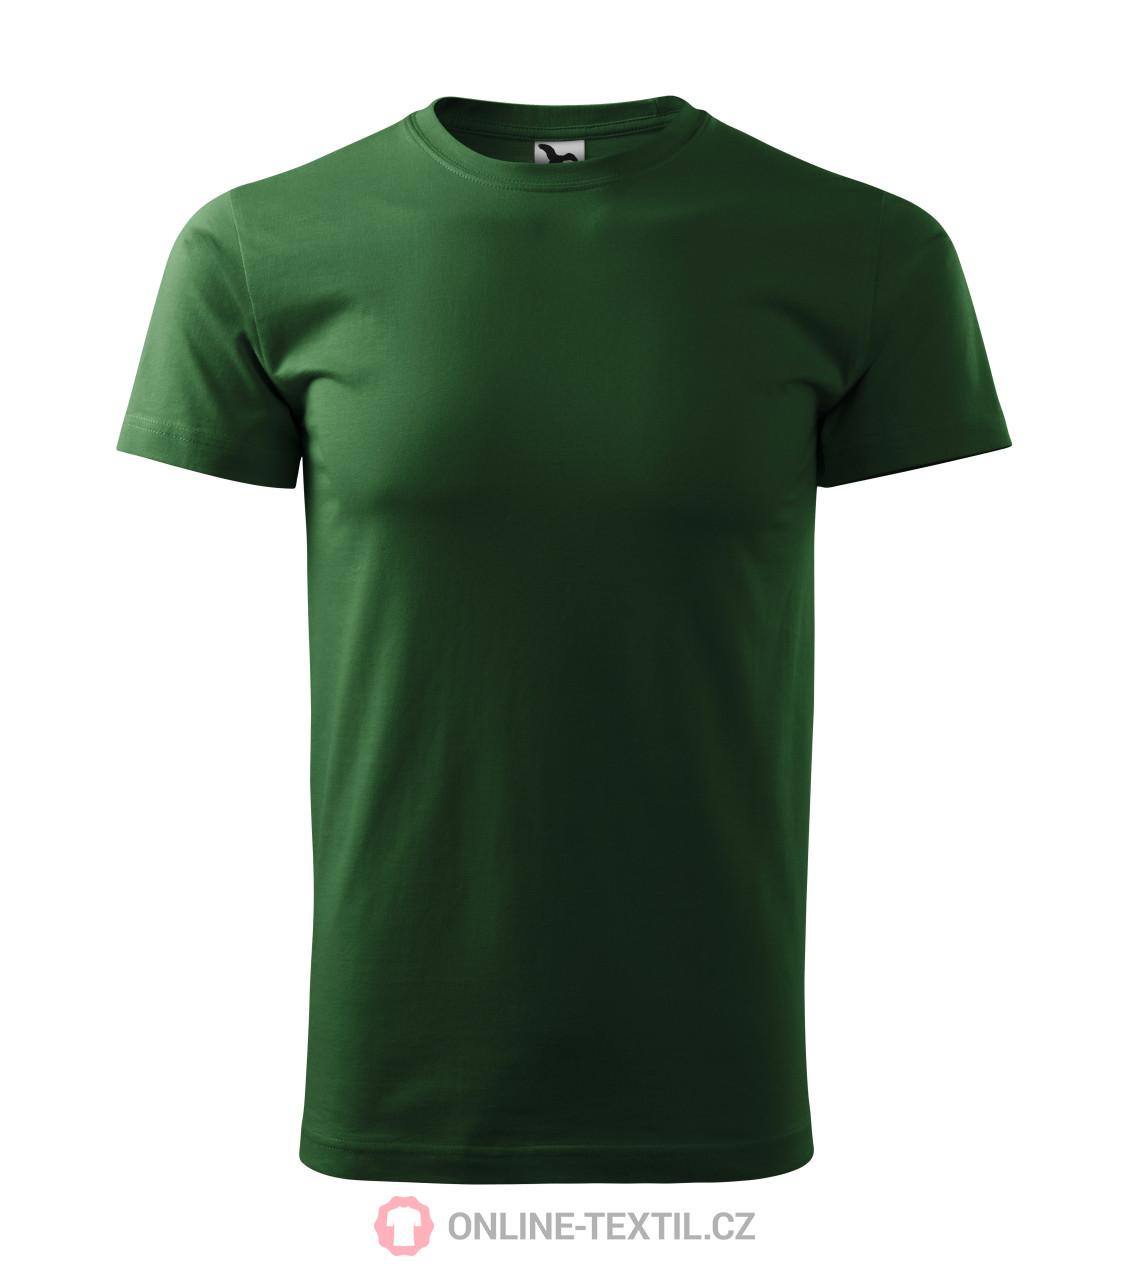 ADLER CZECH Tričko Heavy New vyšší gramáže 137 - lahvově zelená z ... b991eb5454